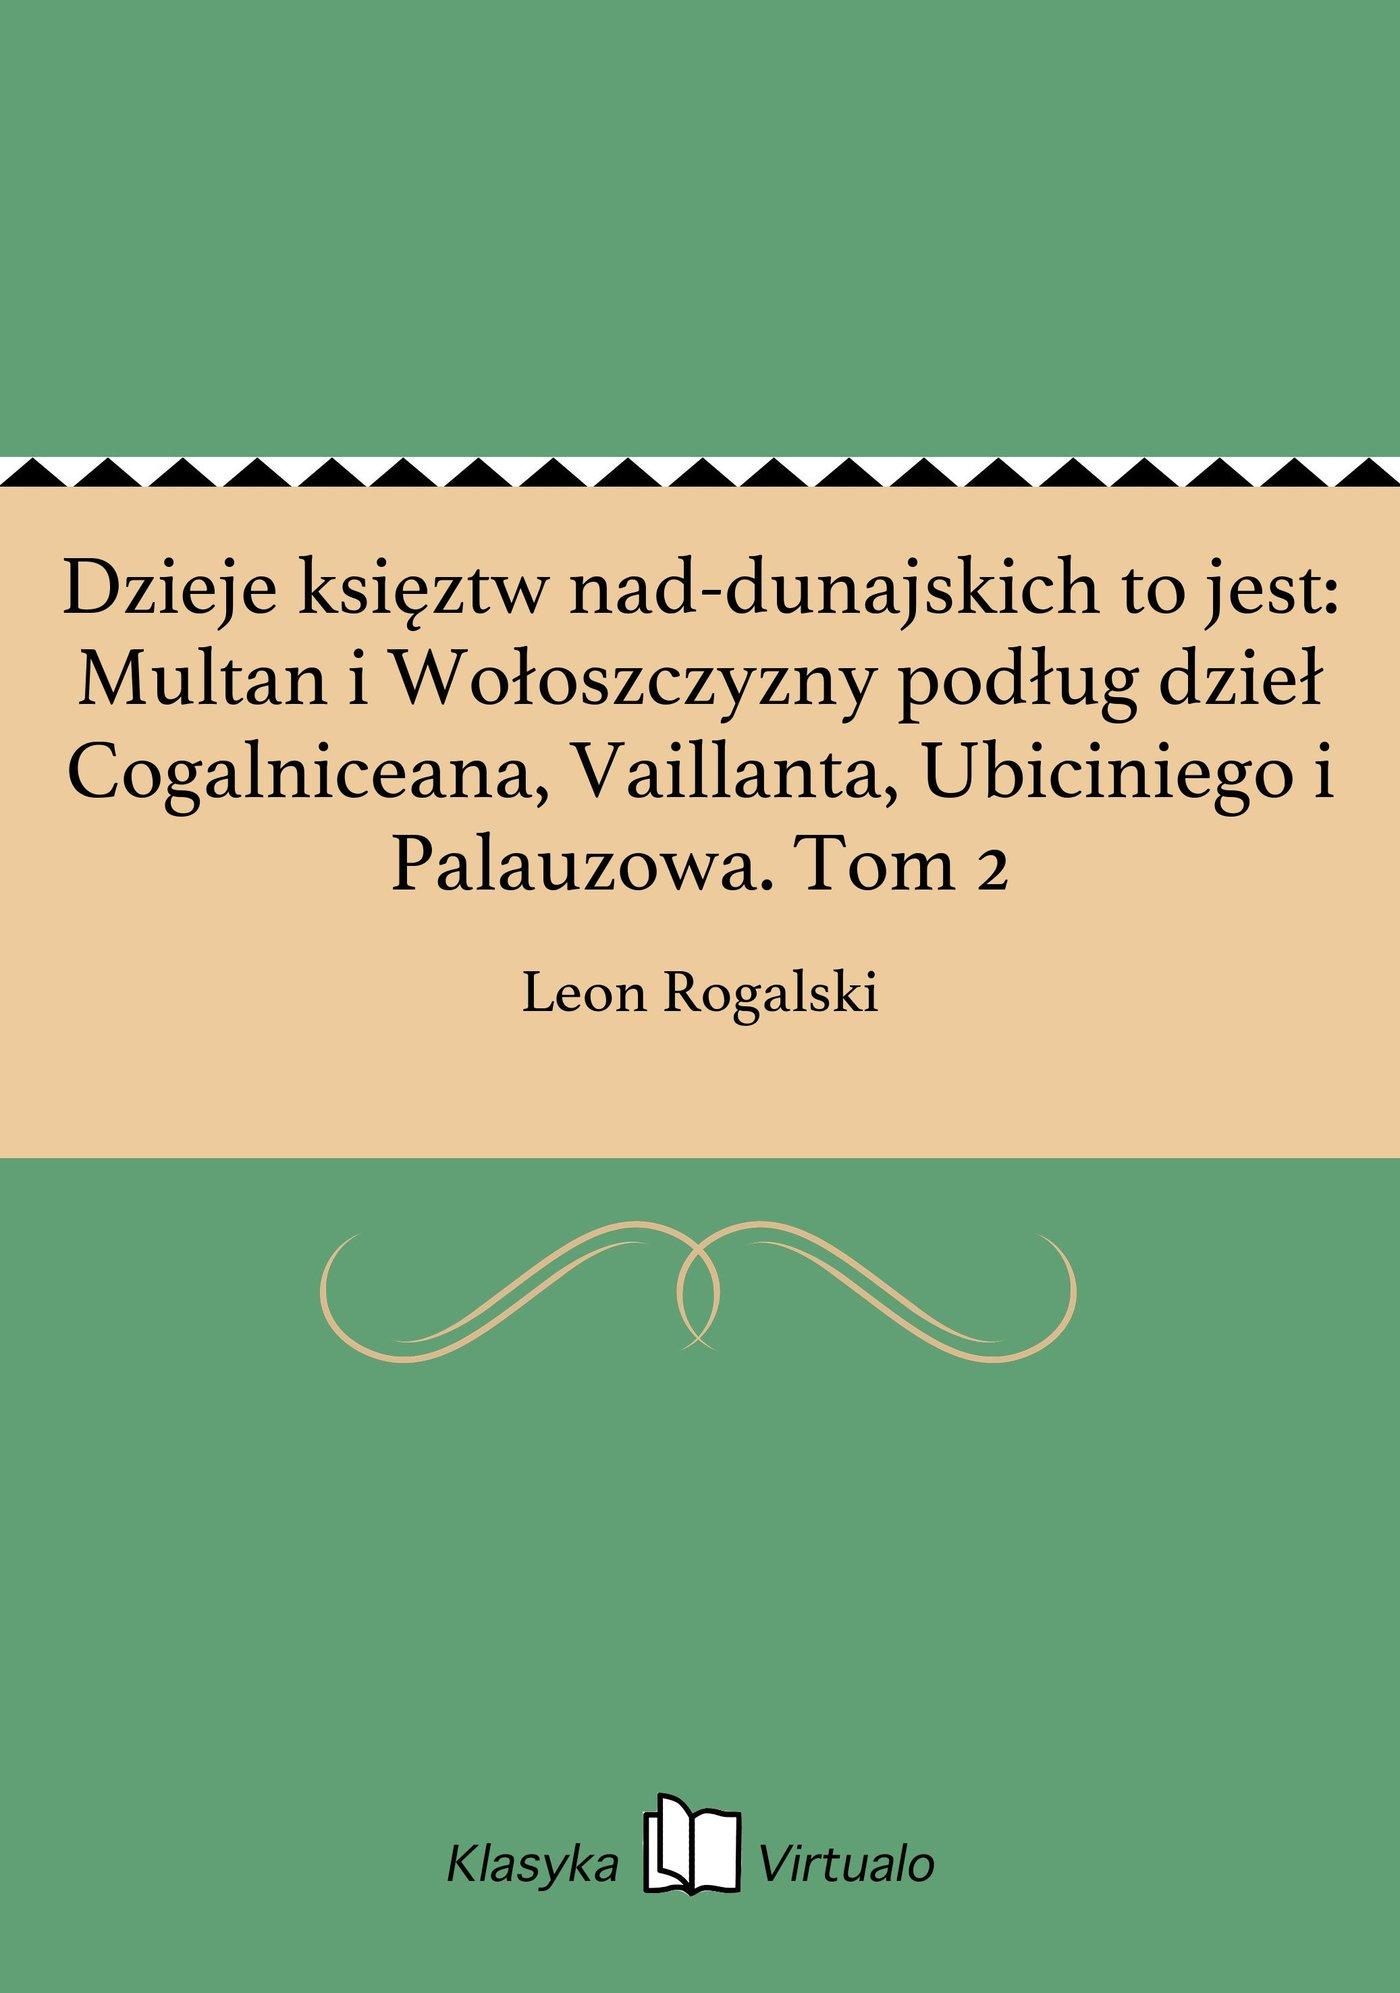 Dzieje księztw nad-dunajskich to jest: Multan i Wołoszczyzny podług dzieł Cogalniceana, Vaillanta, Ubiciniego i Palauzowa. Tom 2 - Ebook (Książka EPUB) do pobrania w formacie EPUB